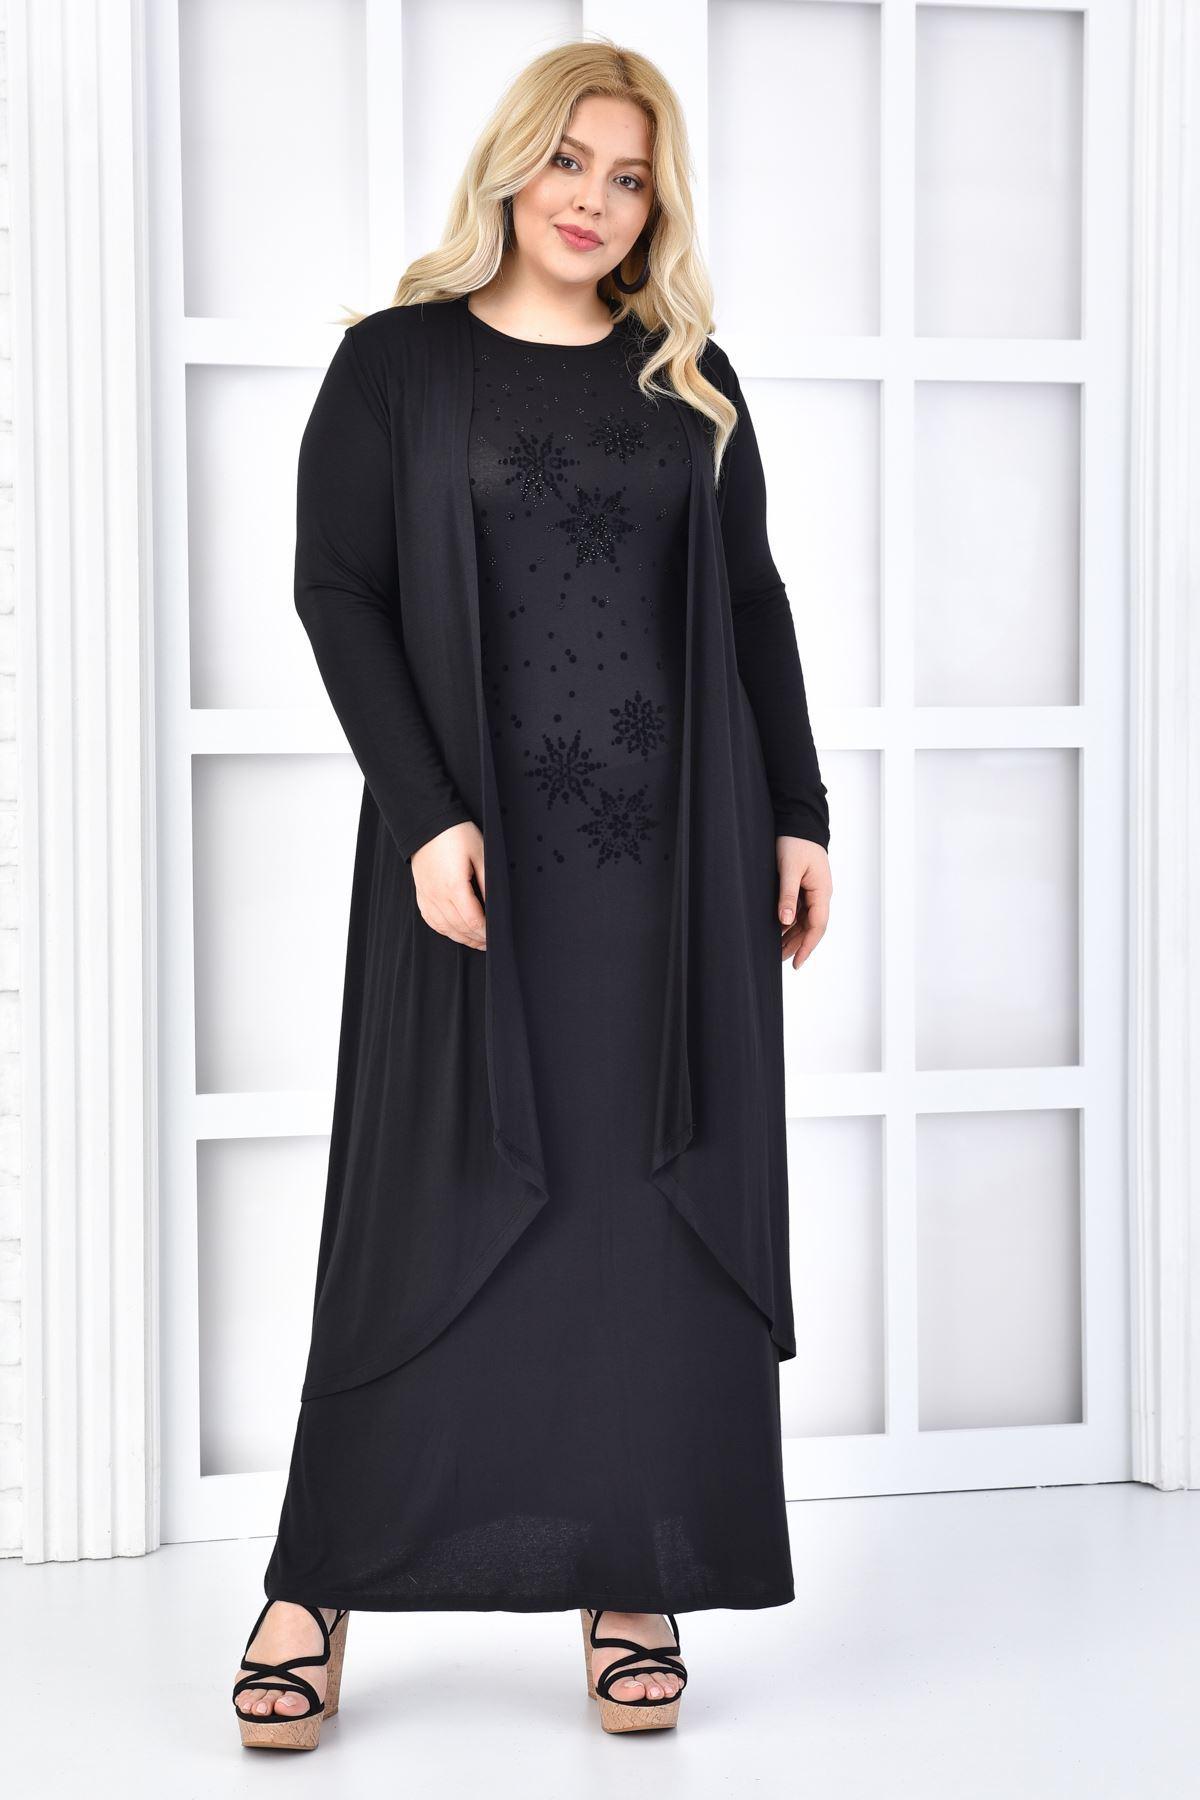 Kadın Siyah Büyük Beden Elbise Takım